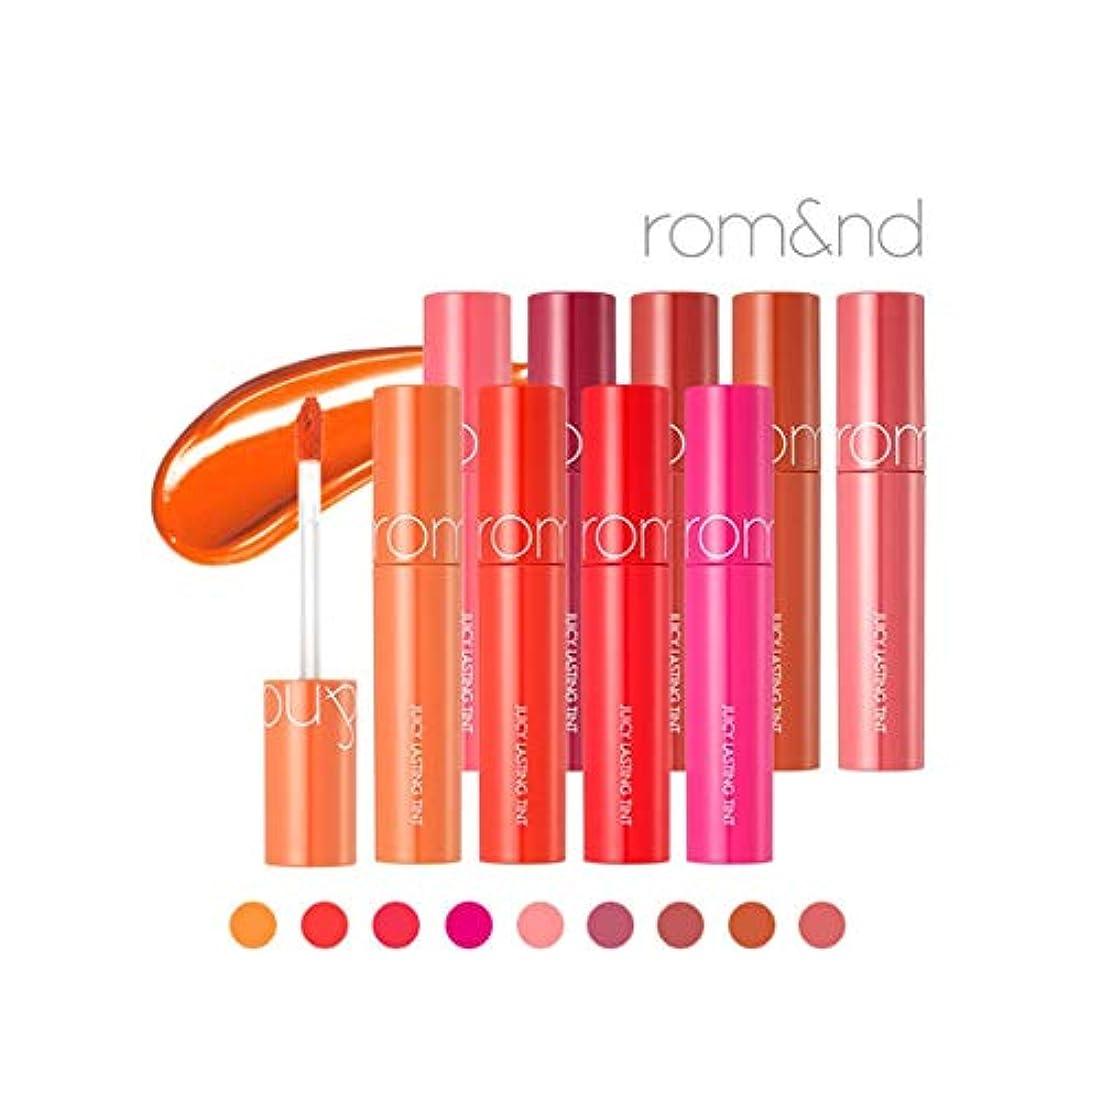 ロータリー地元怒るローム?アンド?ジューシーラスティングティントリップティント韓国コスメ、Rom&nd Juicy Lasting Tint Lip Tint Korean Cosmetics [並行輸入品] (No.8 apple brown)